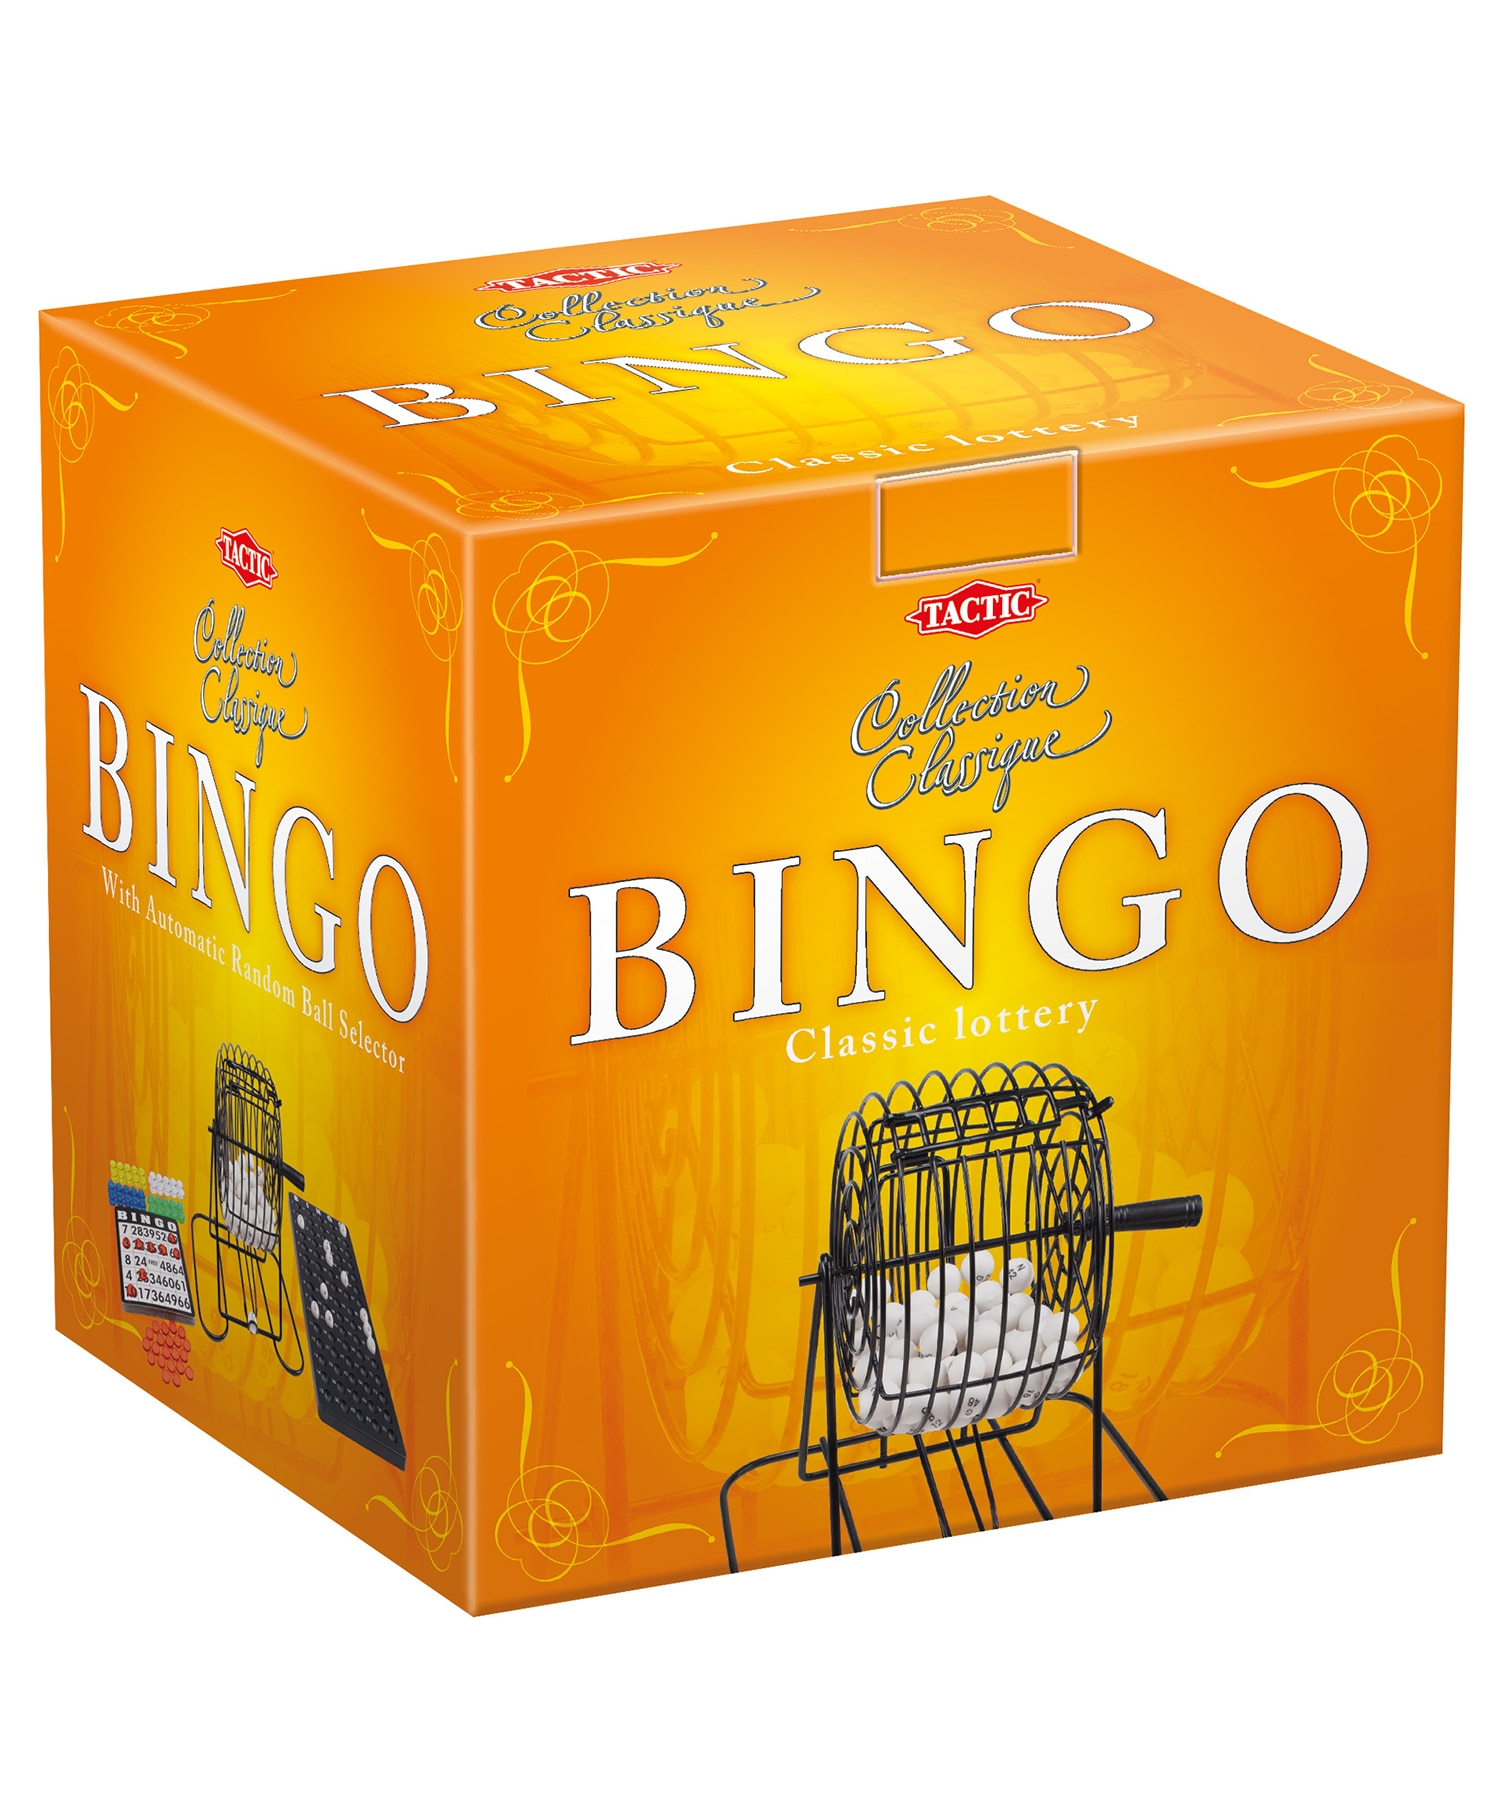 Tactic Bingo